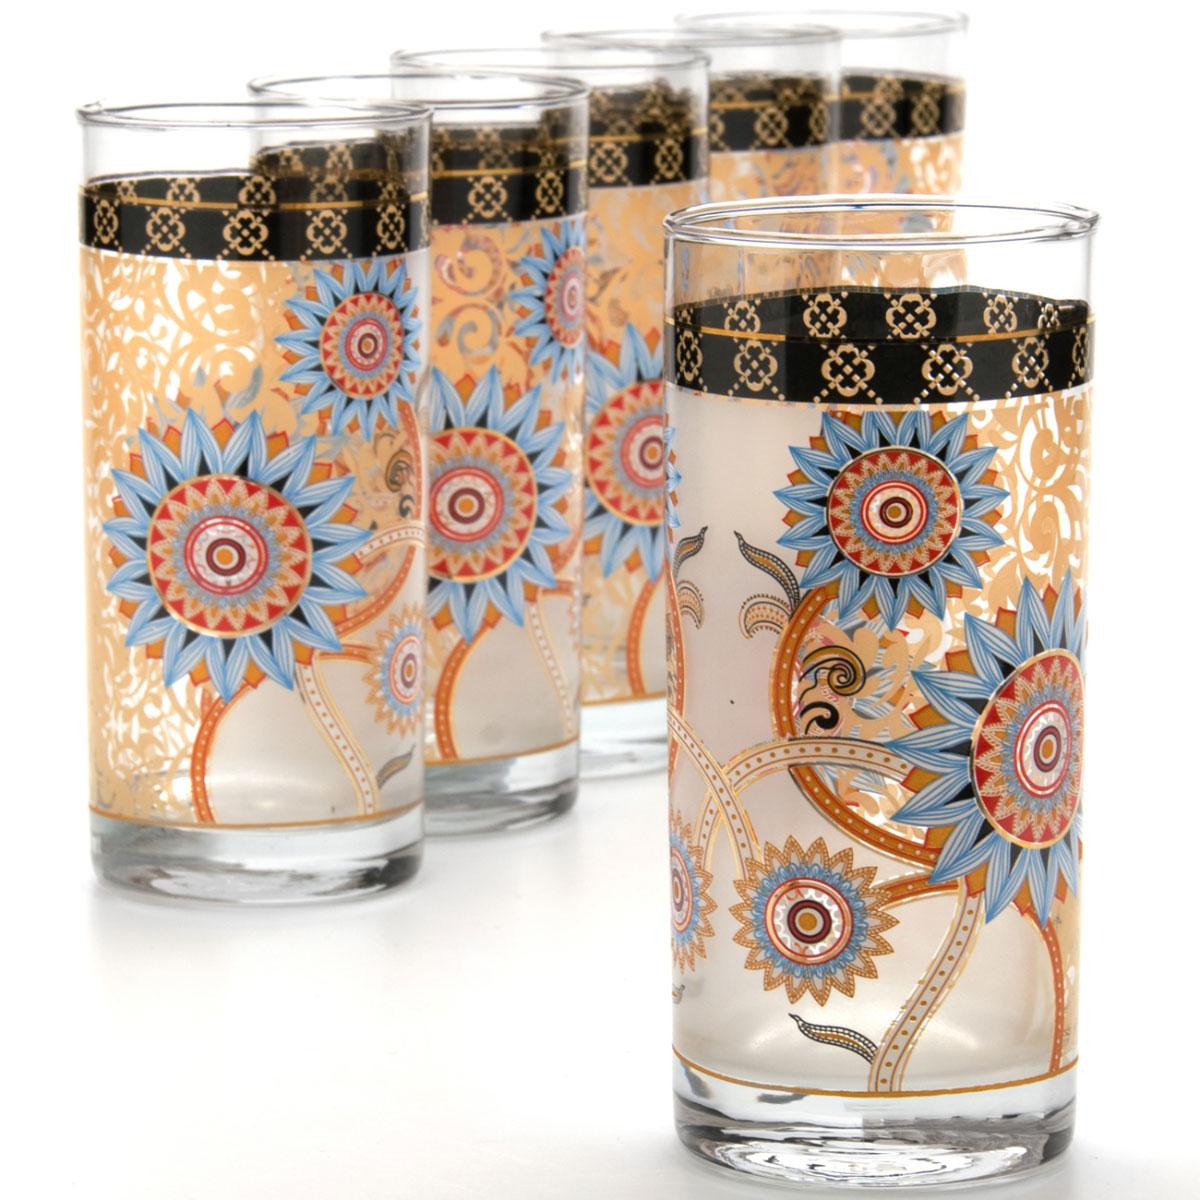 Набор, состоящий из шести стаканов, несомненно, придется вам по душе.  Стаканы выполнены из высококачественного стекла в мягких тонах с оригинальным узором.  Благодаря такому набору пить напитки будет еще вкуснее.  Объем стакана: 370 мл.